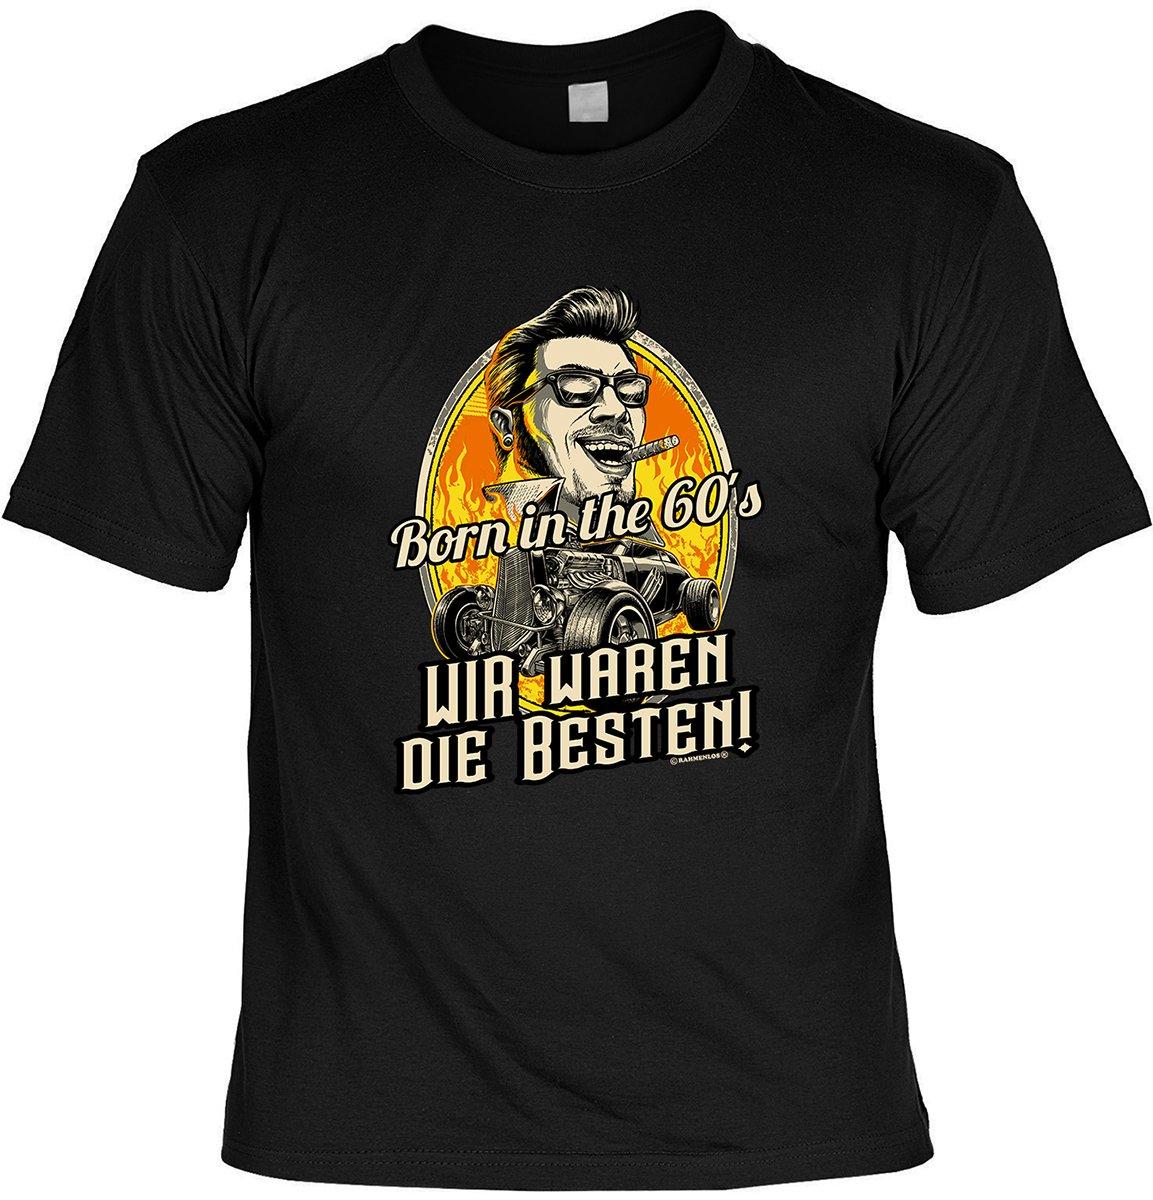 Geburtstag Set: Fun T-Shirt Born in the 60s Wir waren die Besten! + Mini T- Shirt Happy Birthday - Farbe: schwarz + weiss: Amazon.de: Bekleidung